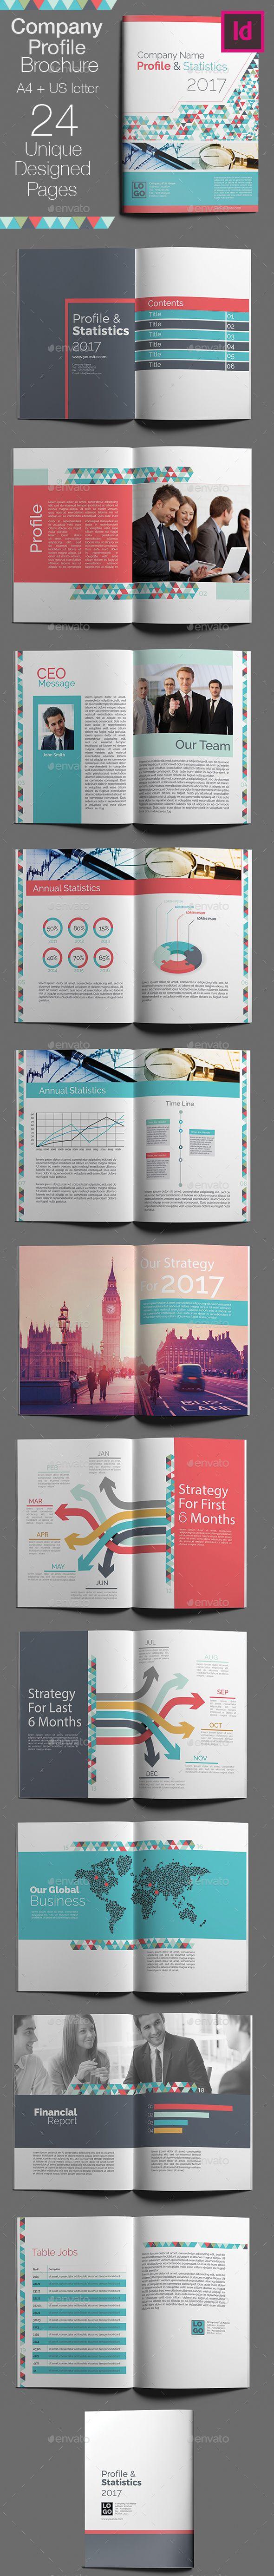 Company Brochure Template | Plantillas de certificado, Diseño ...